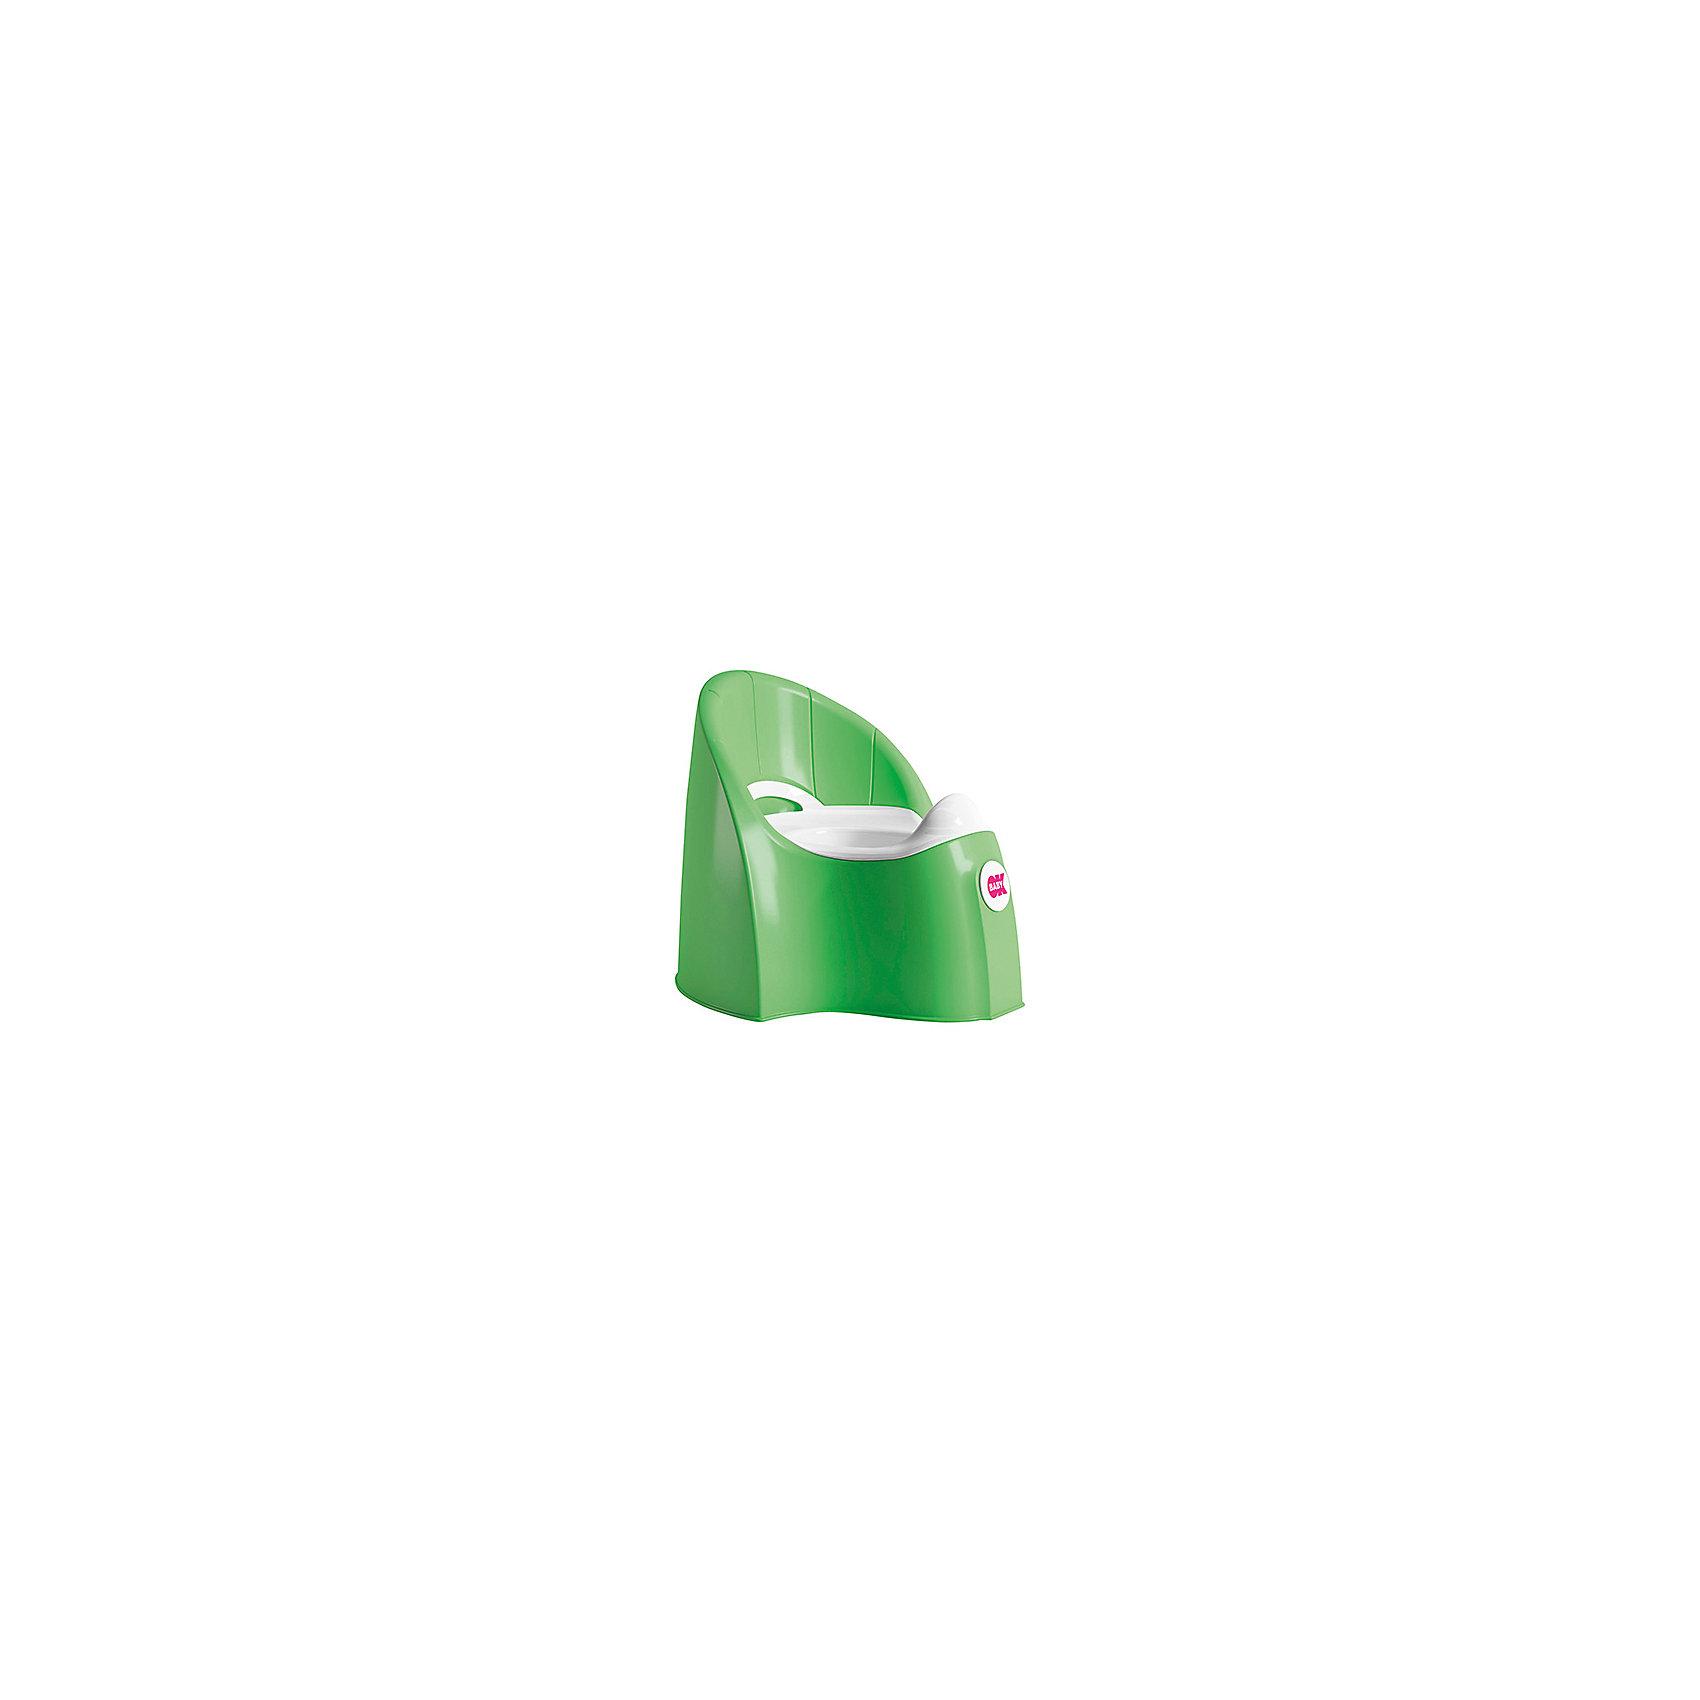 Горшок Pasha, Ok Baby, зеленыйГоршок имеет анатомическое сиденье и съемную емкость для удобной очистки. Яркий горшок со спинкой обязательно понравится ребенку и обеспечит ему максимальный комфорт, что является важным фактором в приучении ребенка к туалету. Изделие выполнено из высококачественного прочного пластика, для большей устойчивости оснащено антискользящей накладкой внизу.  <br><br>Дополнительная информация:<br><br>- Материал: пластик.<br>- Размер: 33,5 x 36,5 x 31 см.<br>- Съемная ёмкость.<br>- Удобная спинка.<br><br>Горшок Pasha, Ok Baby, зеленый, можно купить в нашем магазине.<br><br>Ширина мм: 365<br>Глубина мм: 335<br>Высота мм: 310<br>Вес г: 2500<br>Возраст от месяцев: 6<br>Возраст до месяцев: 36<br>Пол: Унисекс<br>Возраст: Детский<br>SKU: 4443775